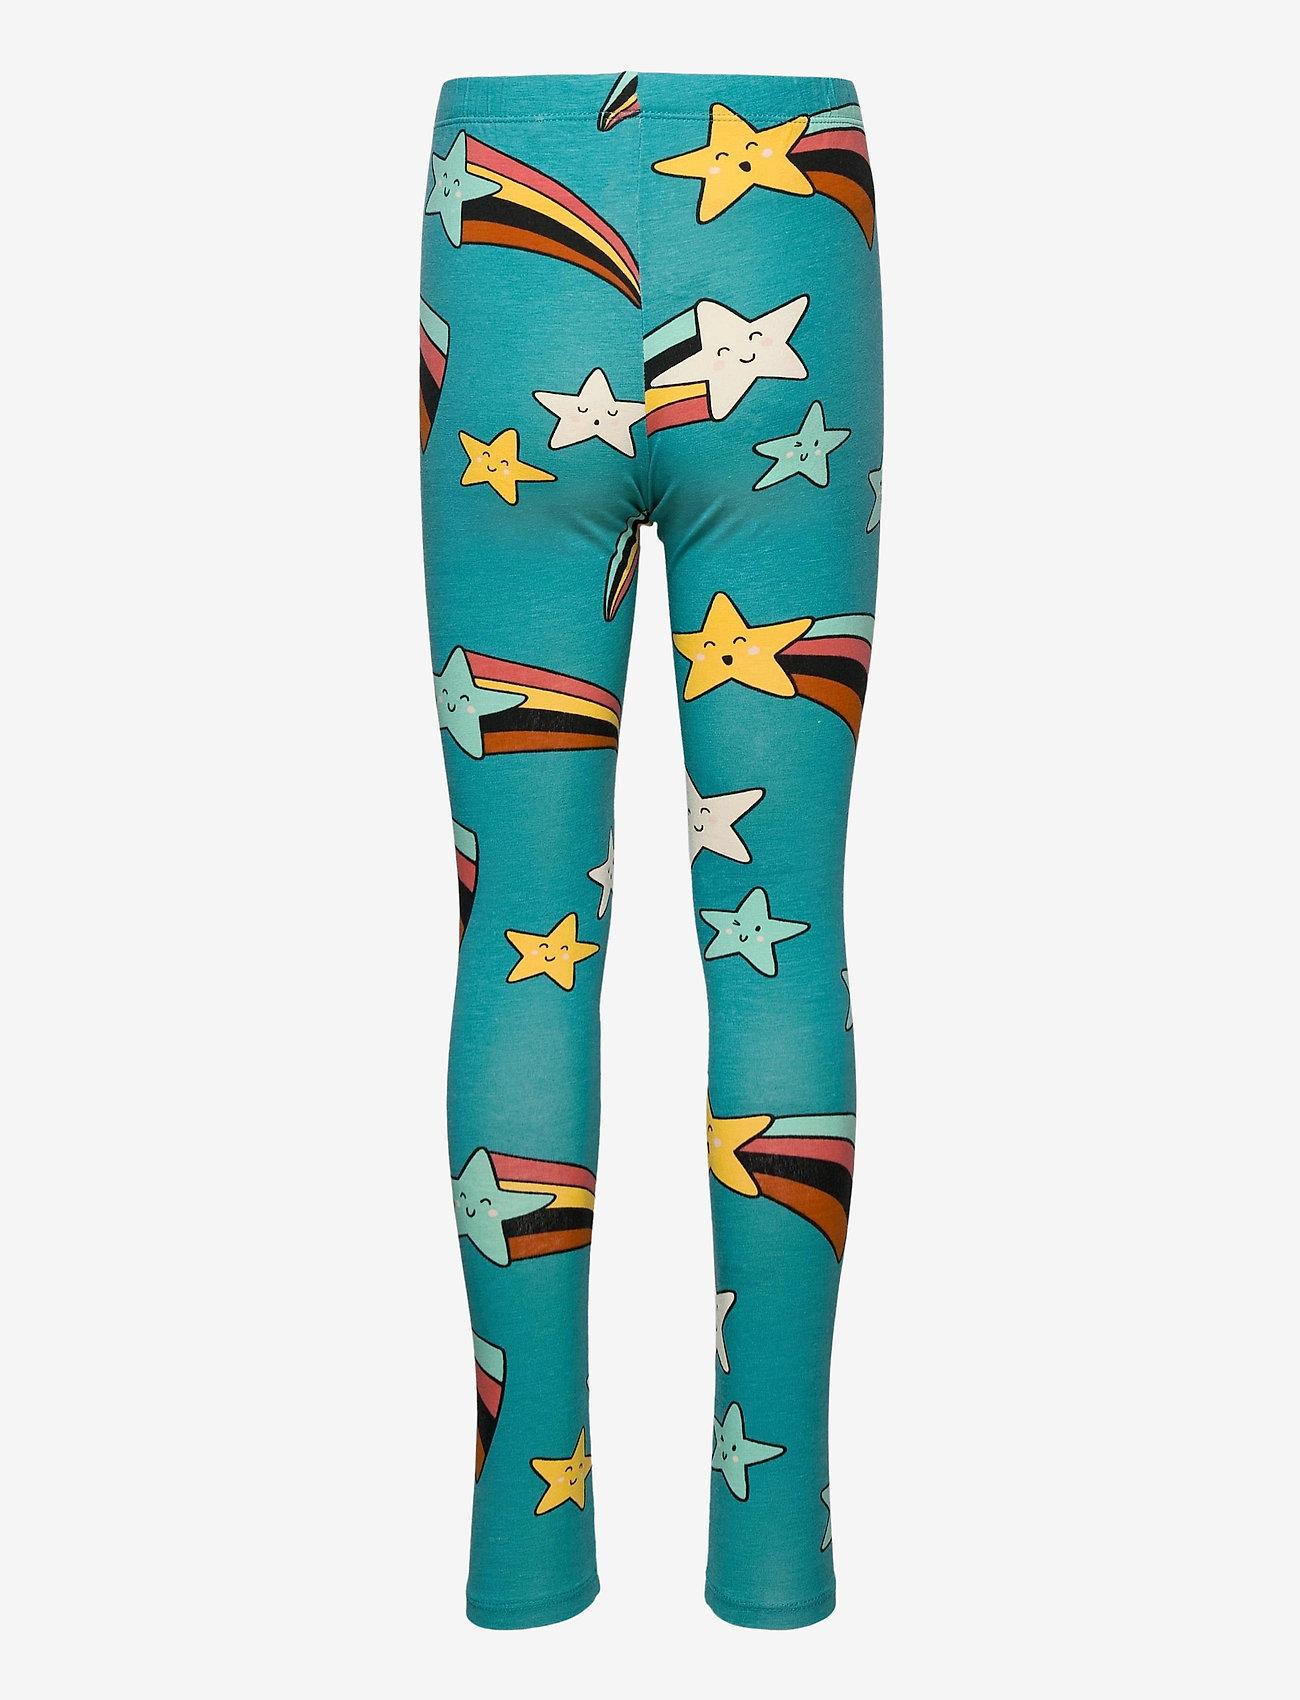 Lindex - Top   leggings SET  KIND - 2-delige sets - turquoise - 3